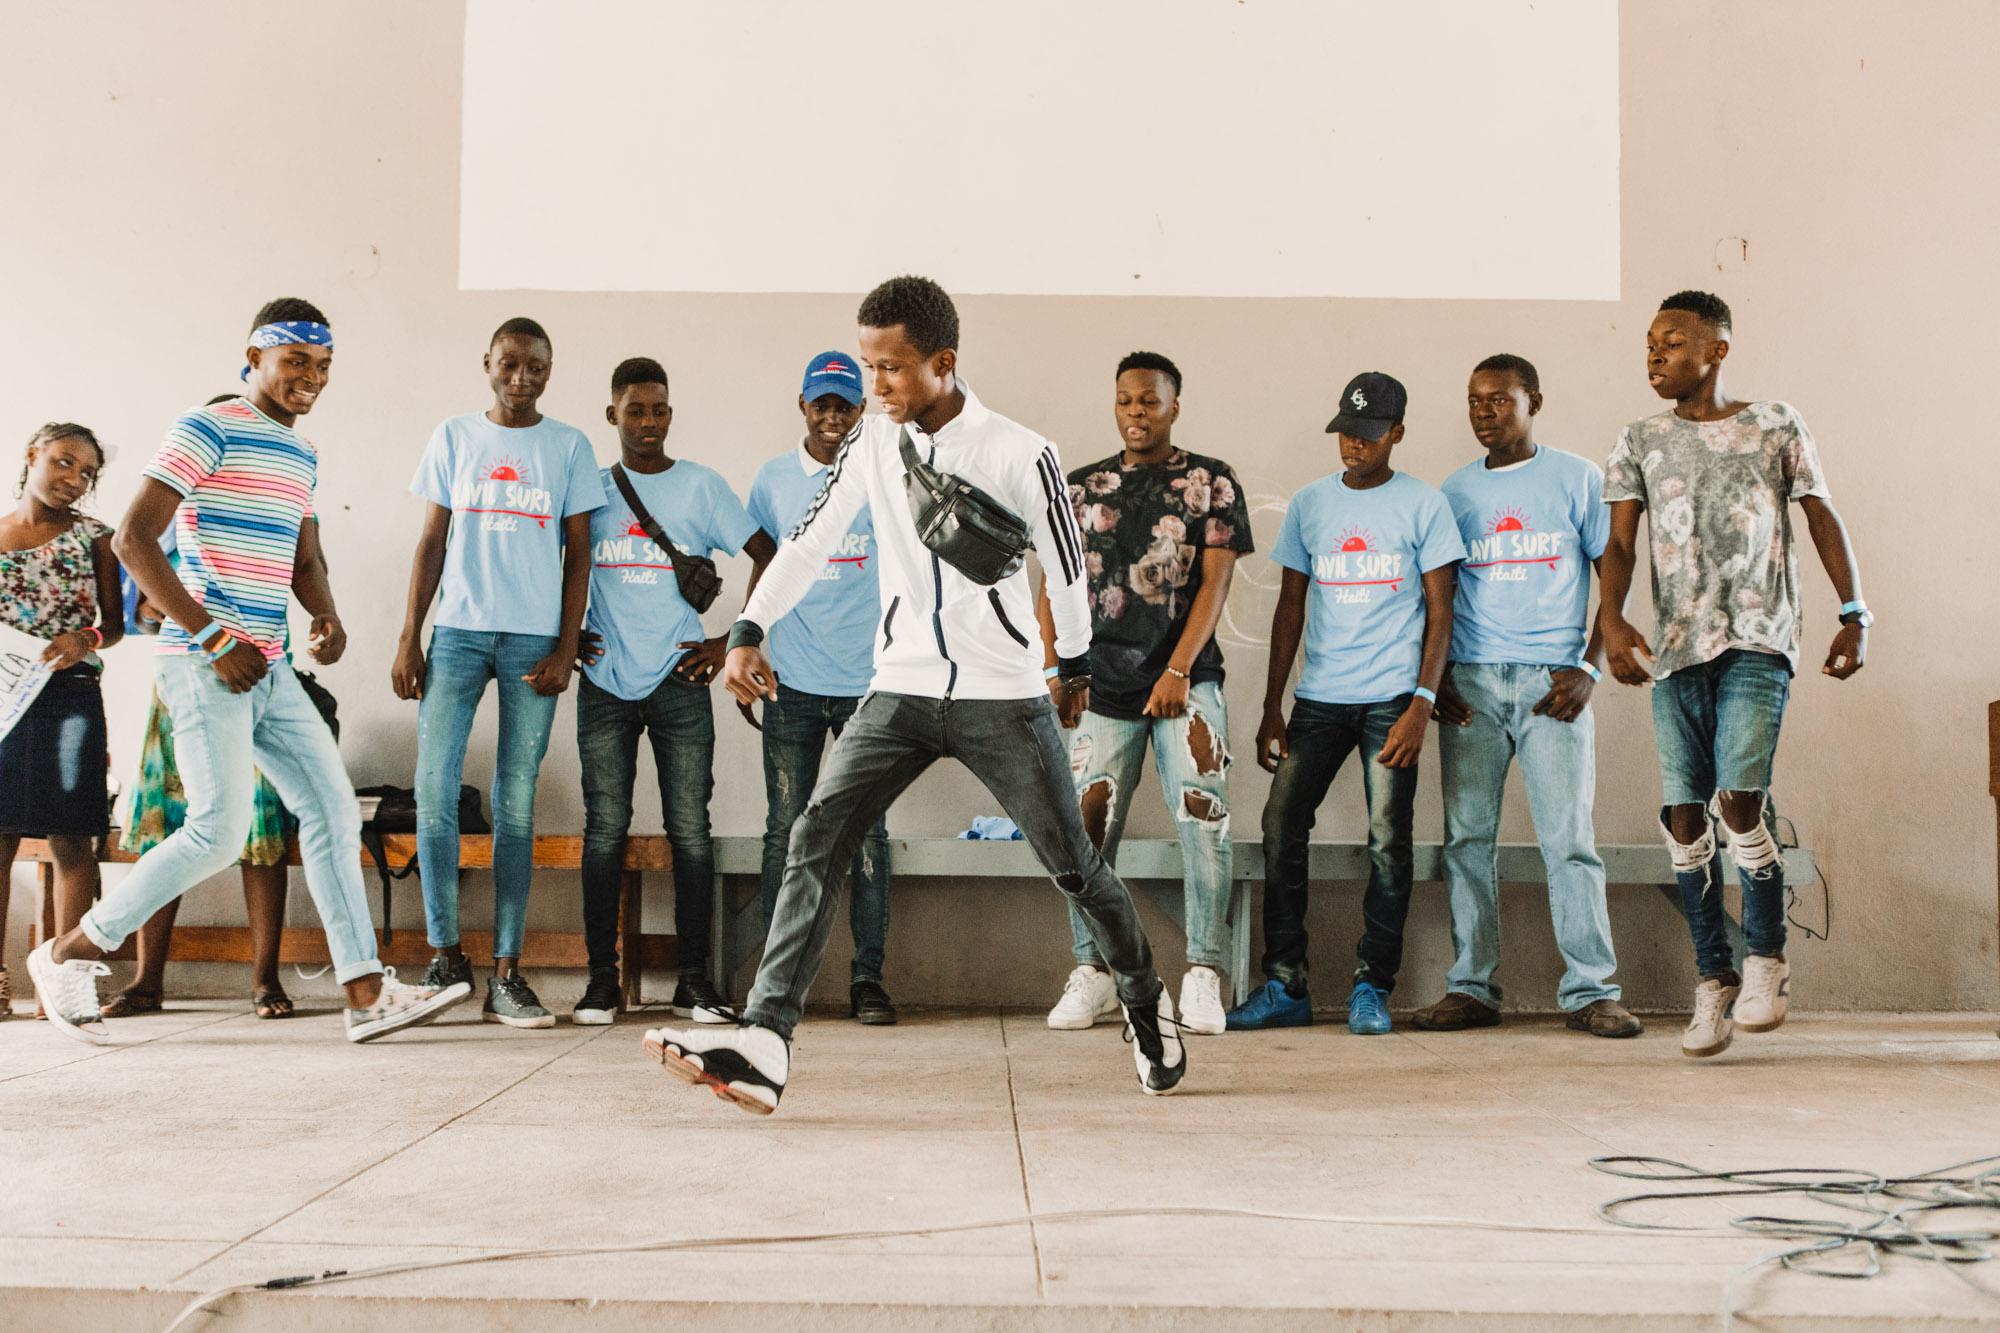 20190612_Surf City Haiti Blog_010_web.jpg